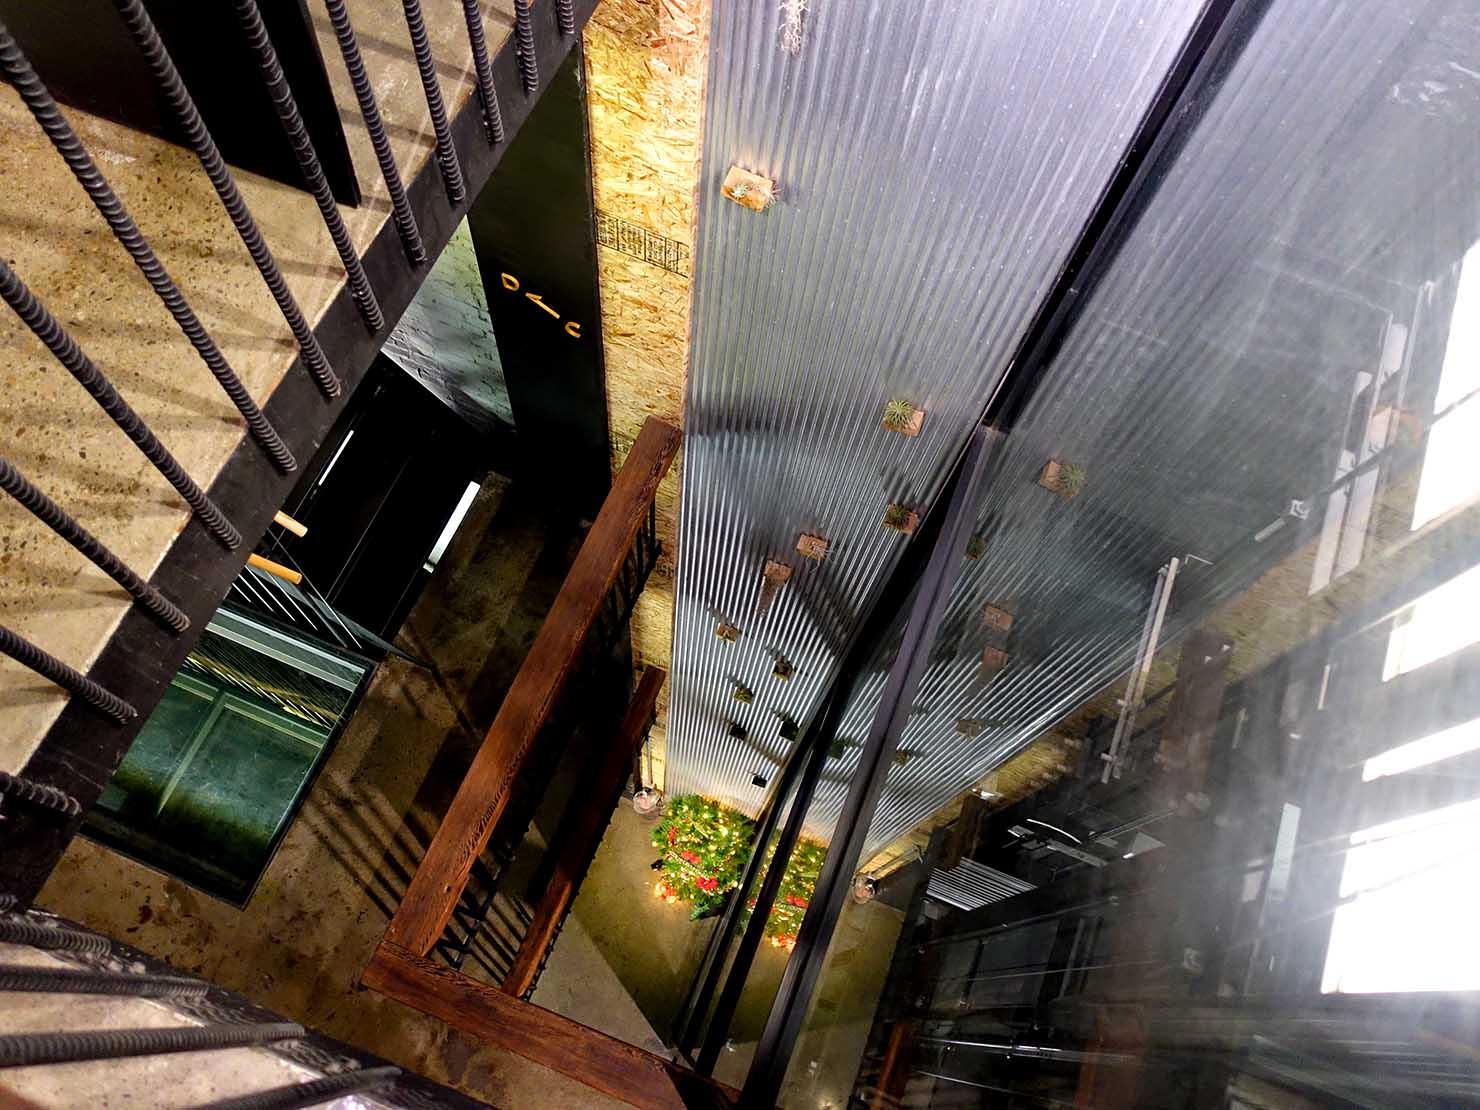 台中駅徒歩10分のリーズナブルなおすすめミニホテル「光原宿 Light House」の吹き抜け